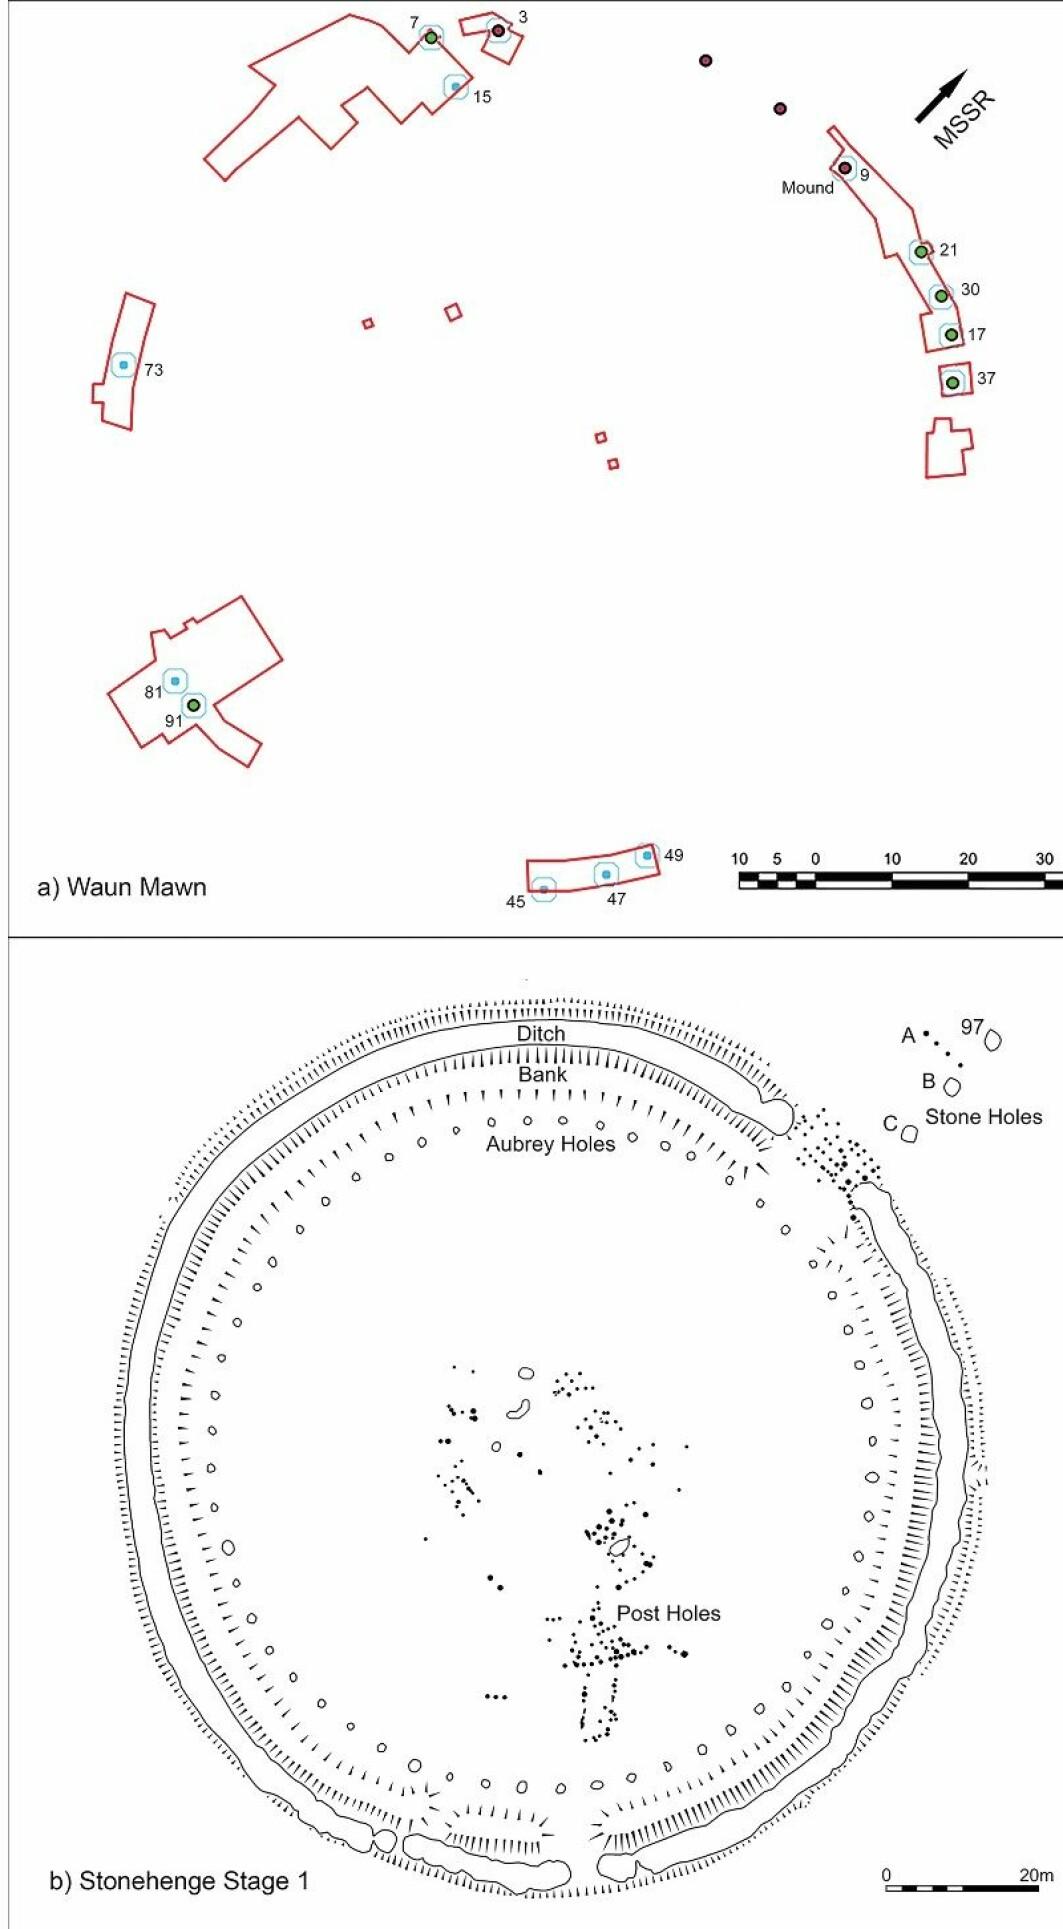 Øverst kan du se orienteringen og den delvis utgravde Waun Mawn-sirkelen. Nederst ser du en representasjon av den første Stonehenge-konstruksjonen. Dette kan altså være den samme ringen, bare flyttet fra Wales til Salisbury plain.